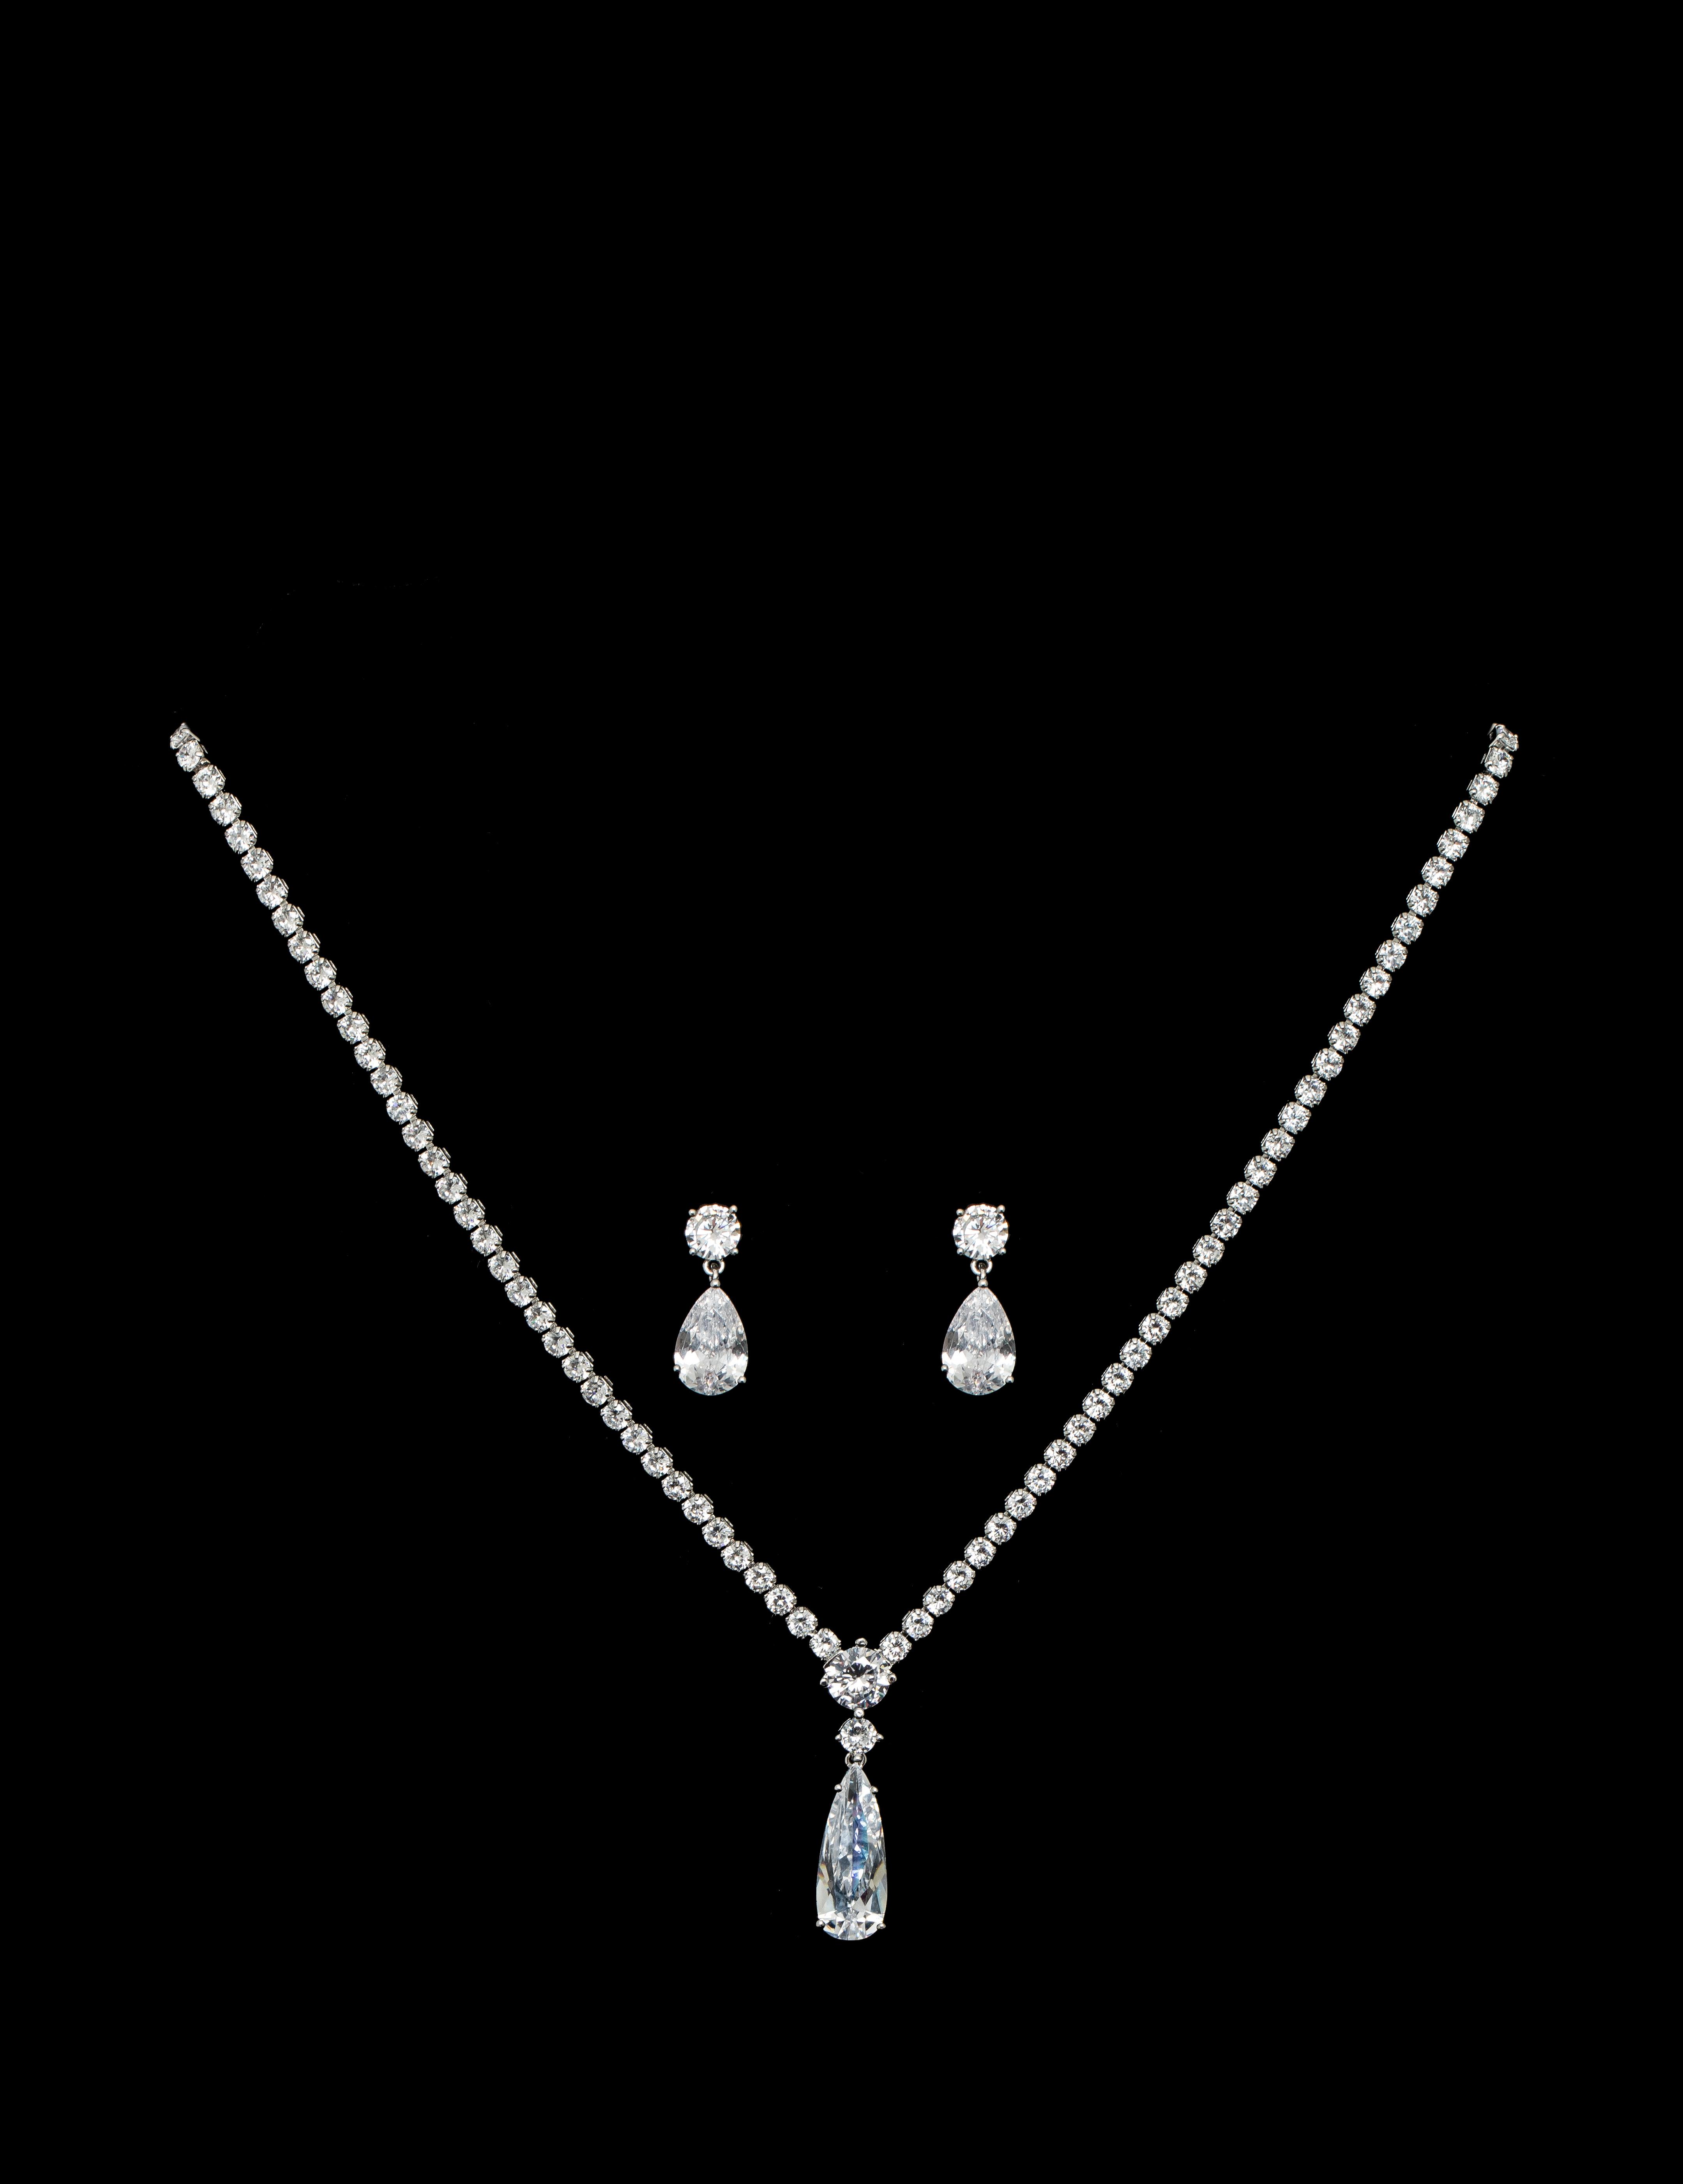 Bridal Classics Necklace Sets CZ-864